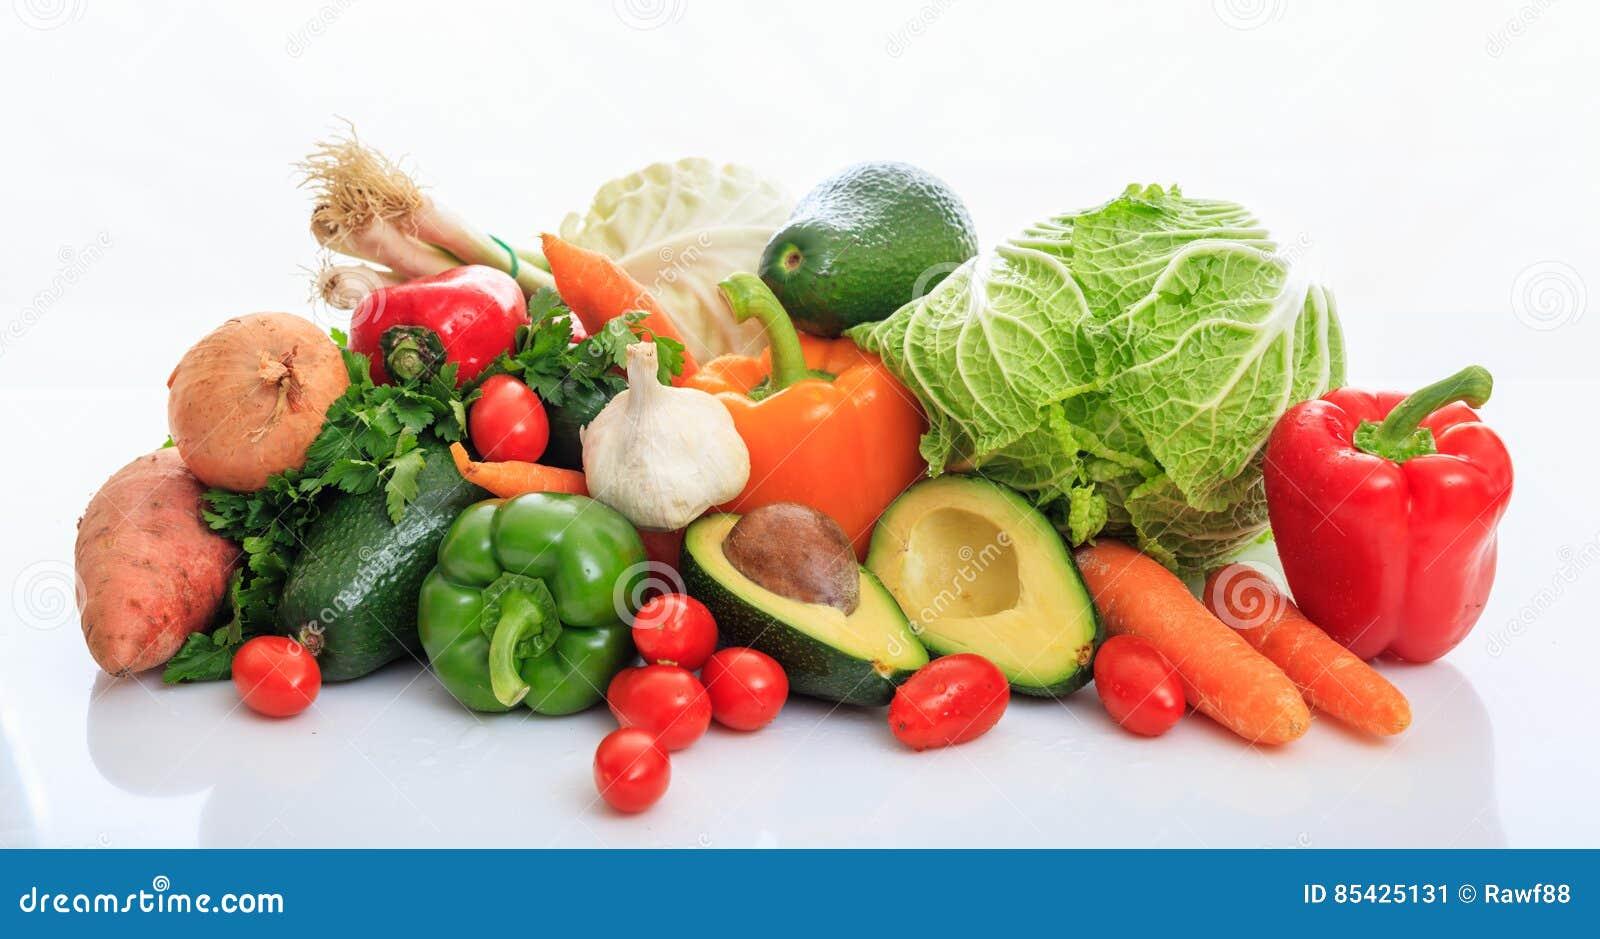 Ποικιλία των λαχανικών στο άσπρο υπόβαθρο